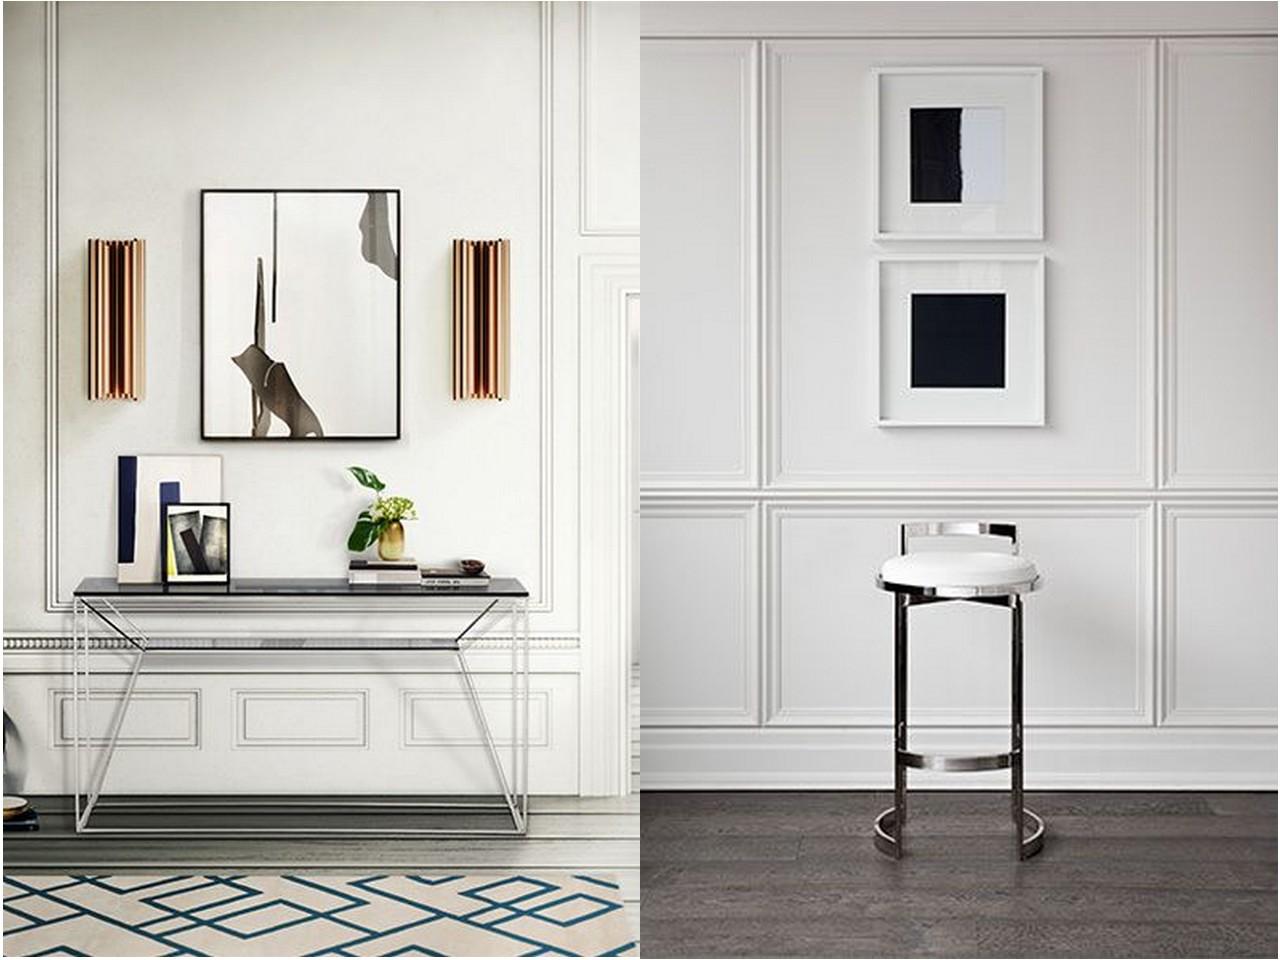 La decoraci n con molduras en casa vuelve a ser tendencia - Molduras de escayola modernas ...